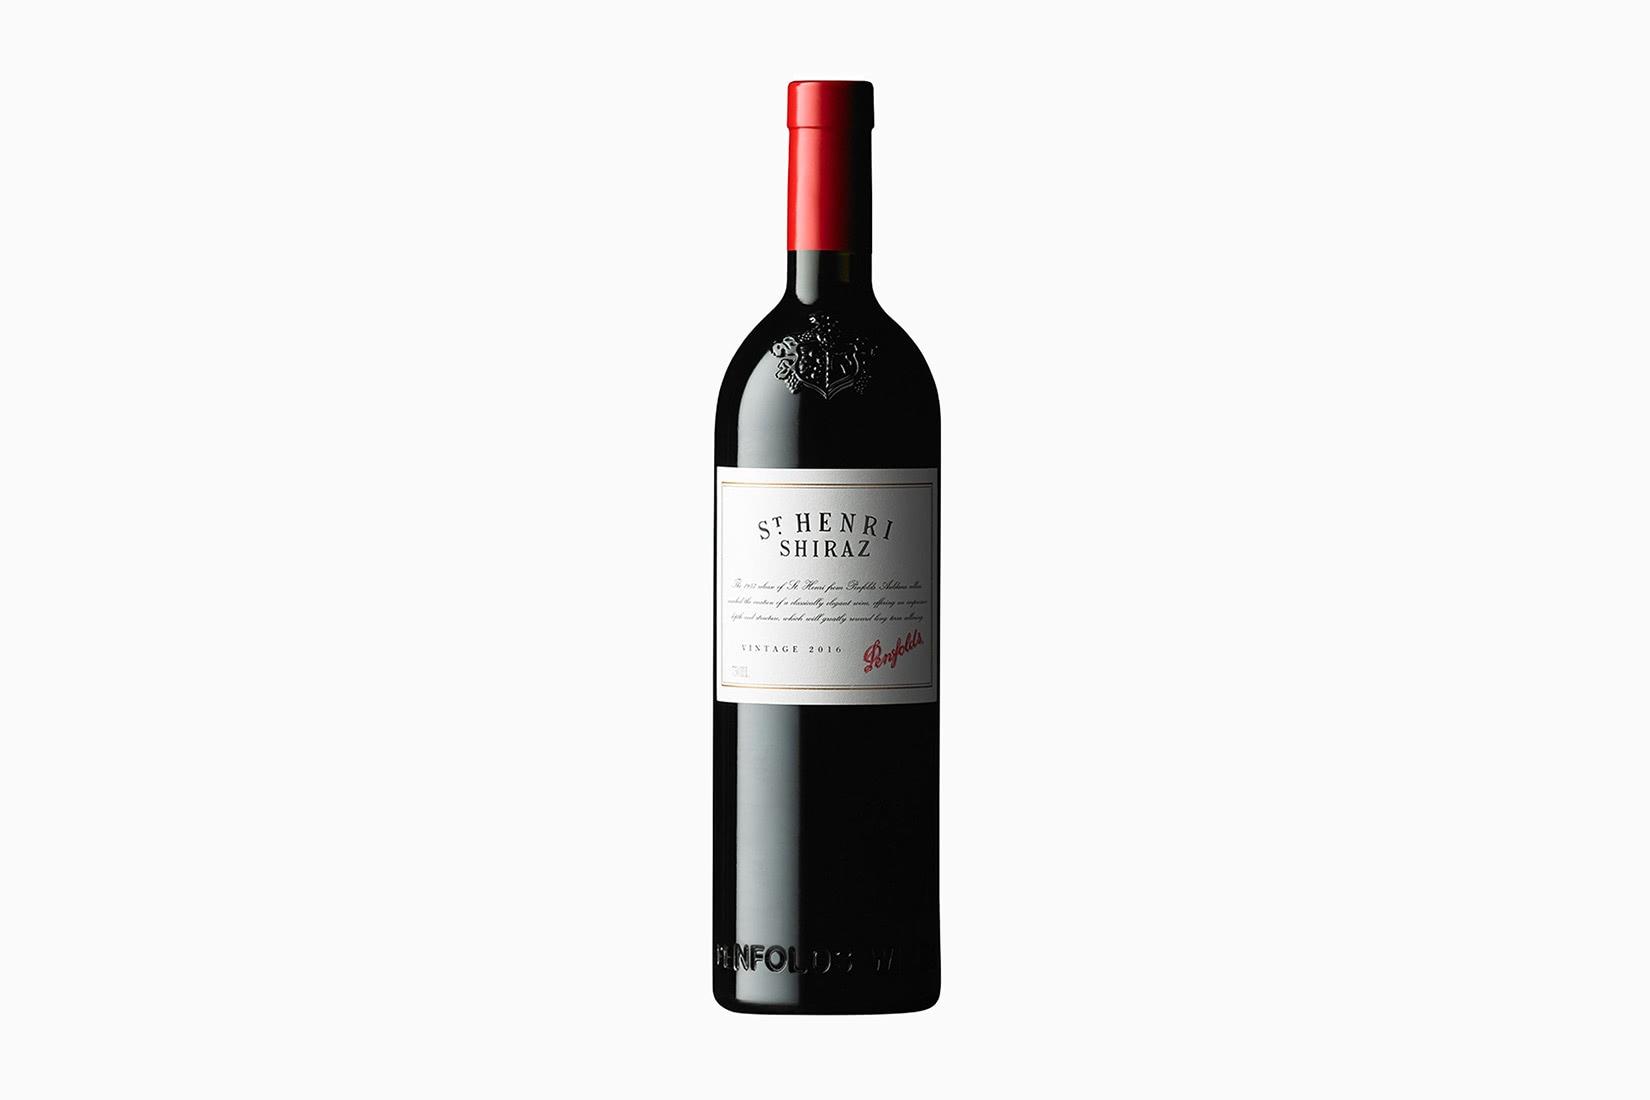 best wine penfolds st henri shiraz - Luxe Digital